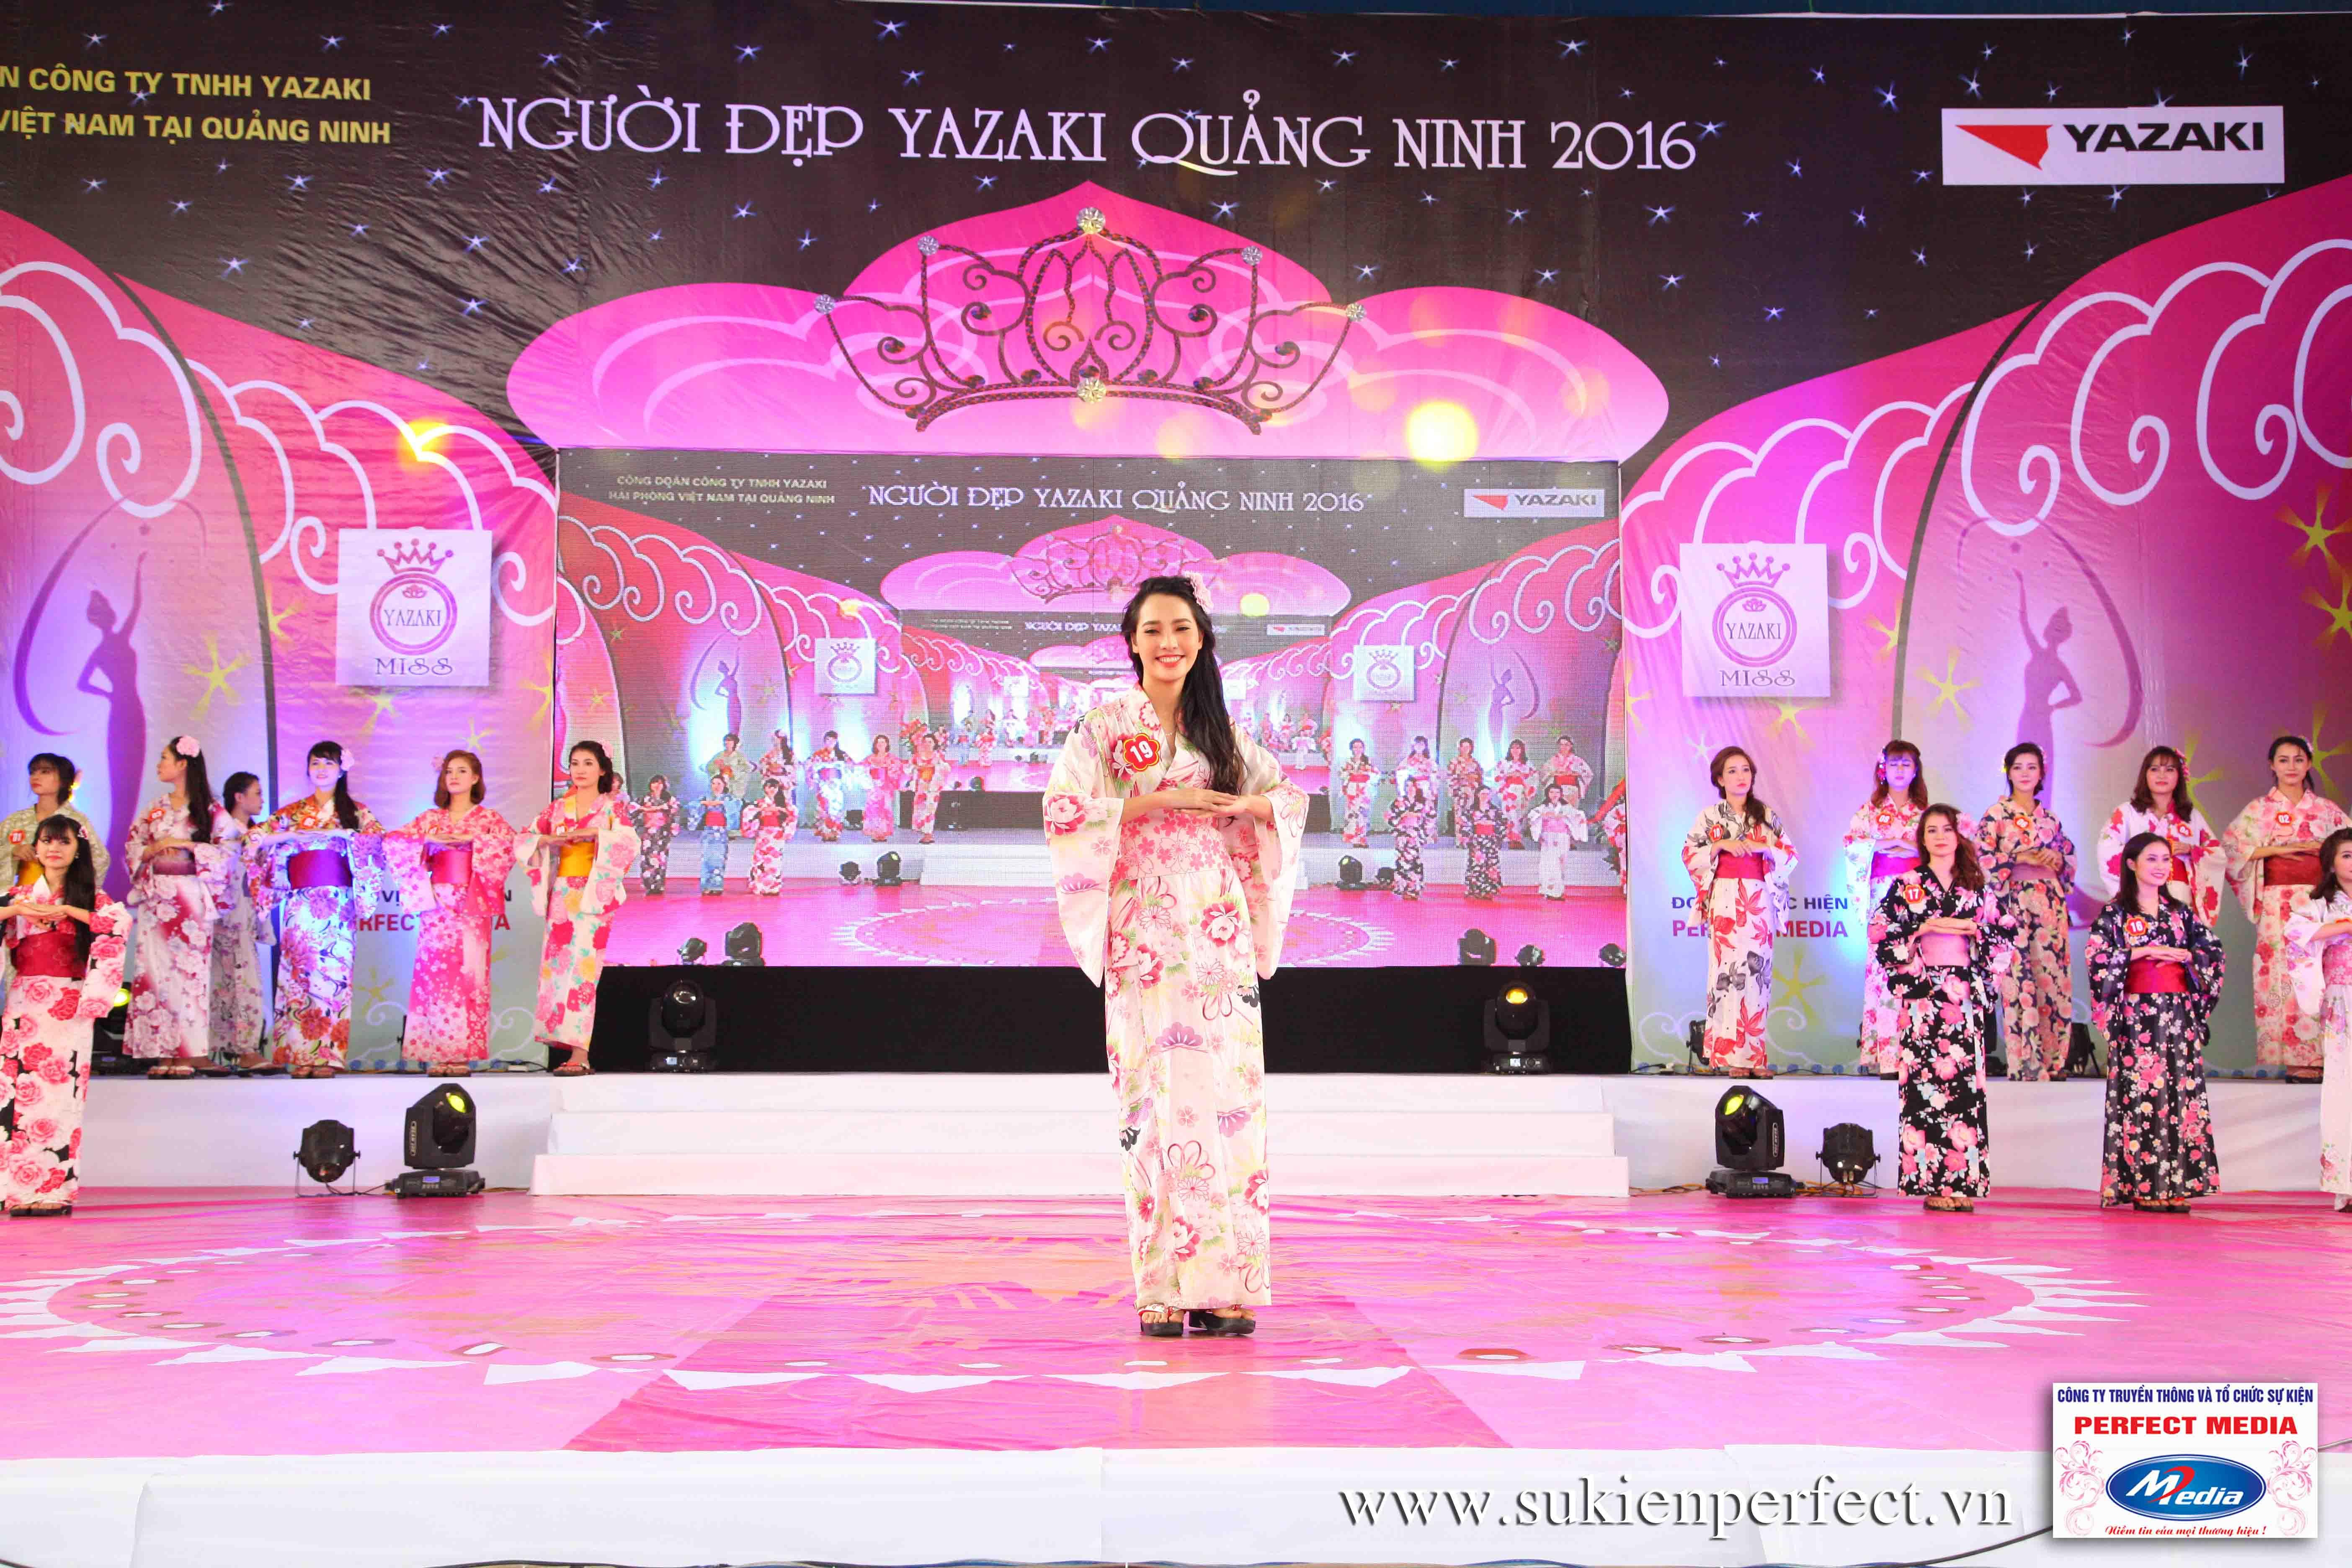 Hình ảnh các thí sinh trong trang phục Kimono - Người đẹp Yazaki Quảng Ninh 2016 - 19